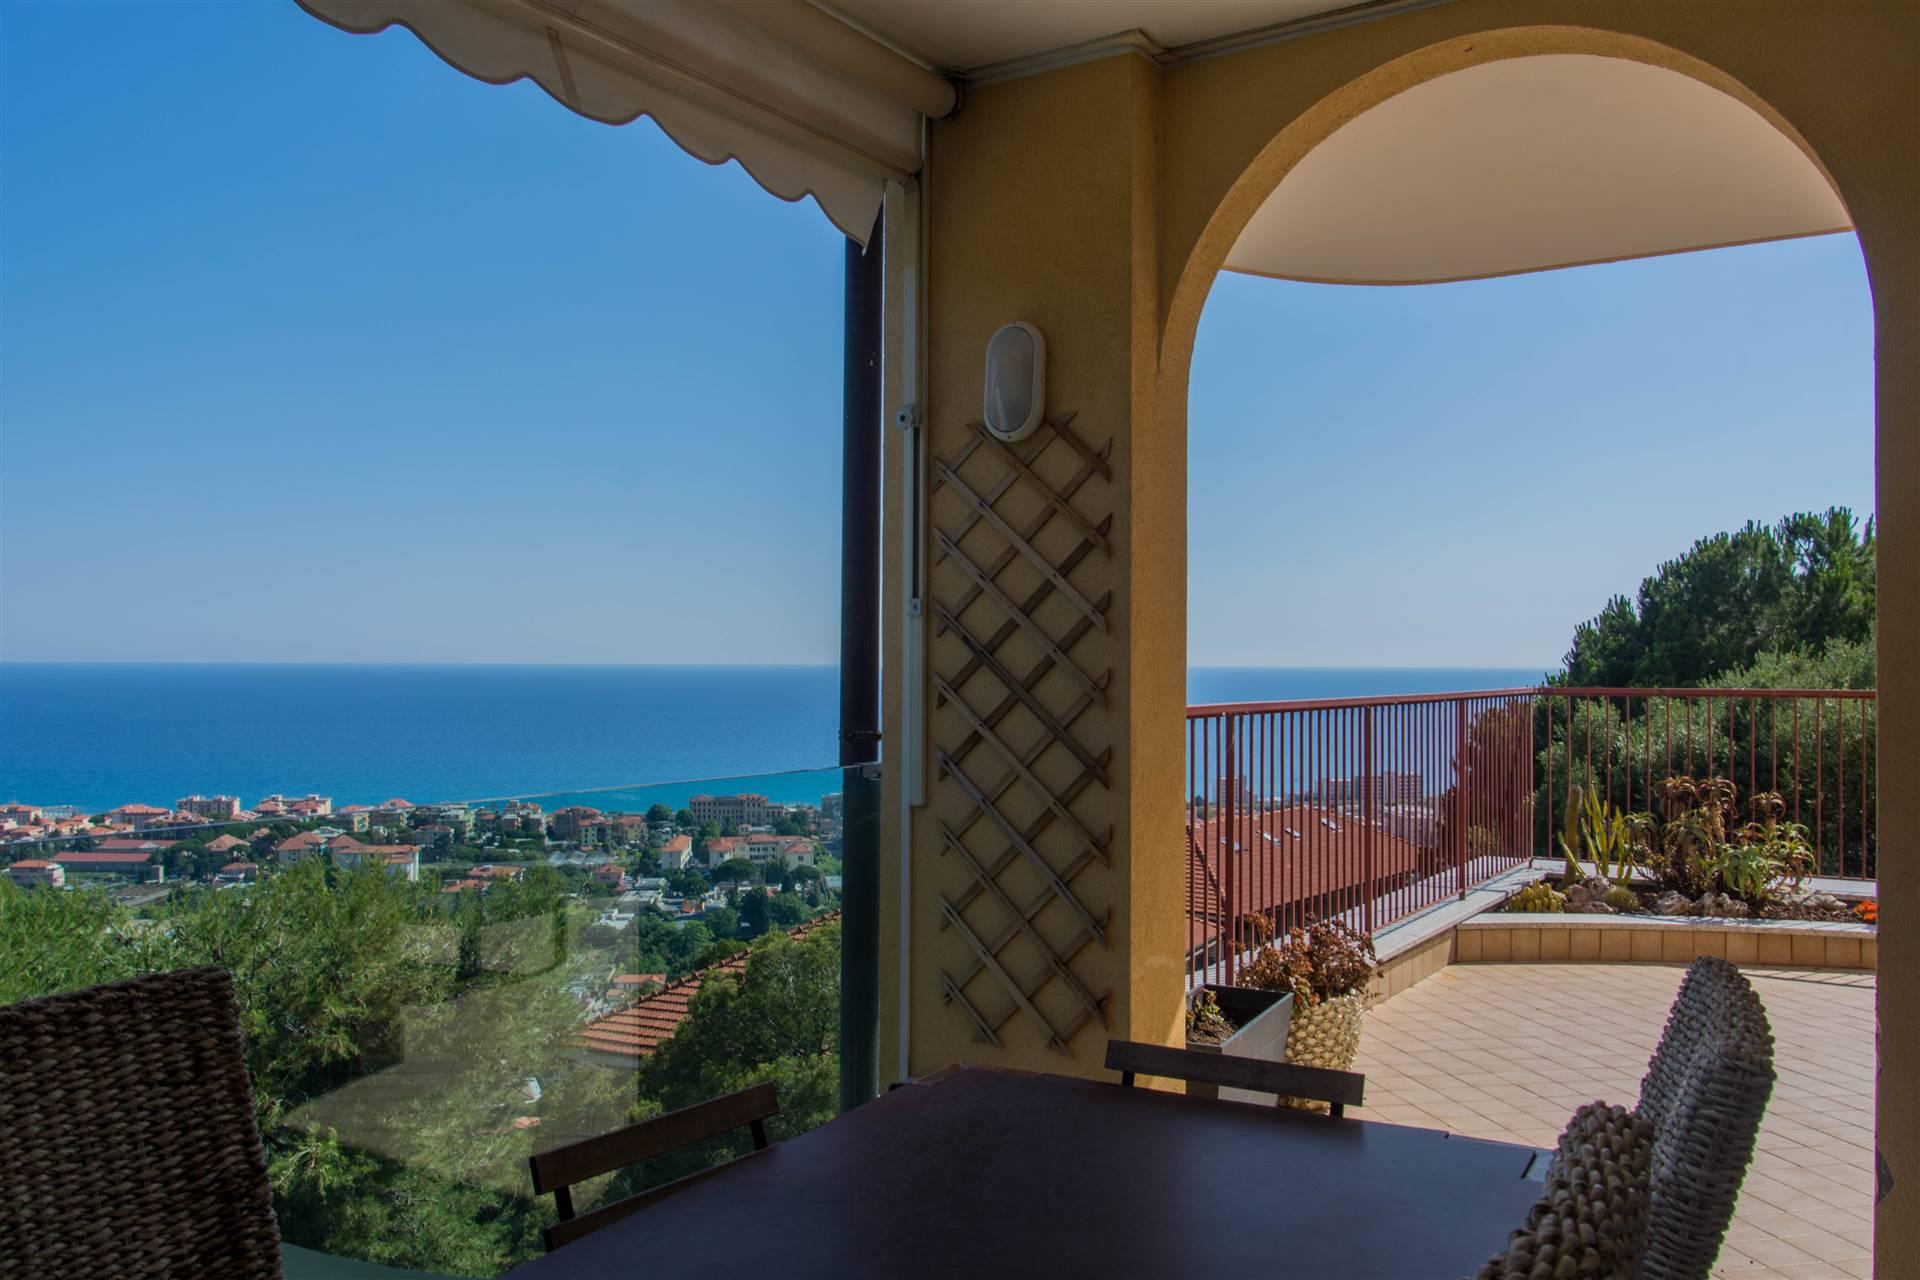 Appartamento in vendita a Bordighera, 5 locali, Trattative riservate   CambioCasa.it